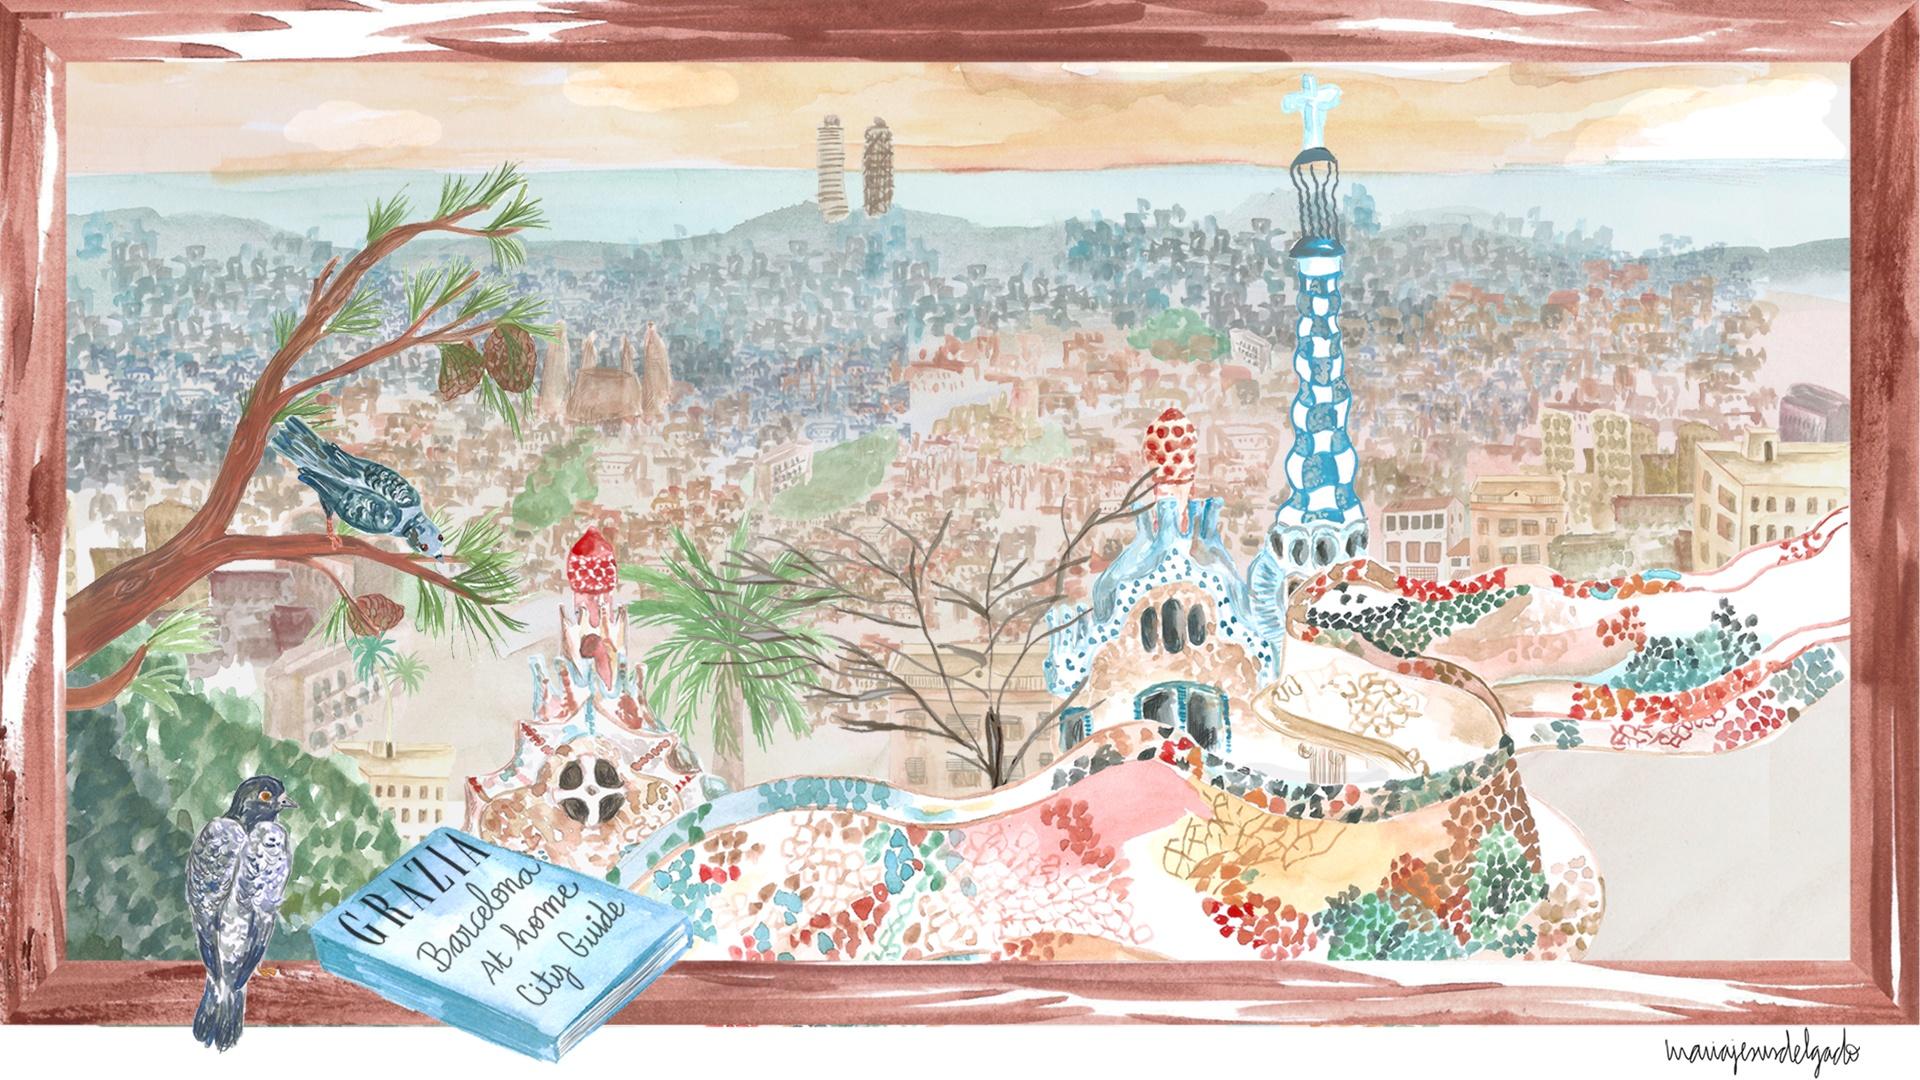 GRAZIA's At Home City Guide To Barcelona - Grazia USA